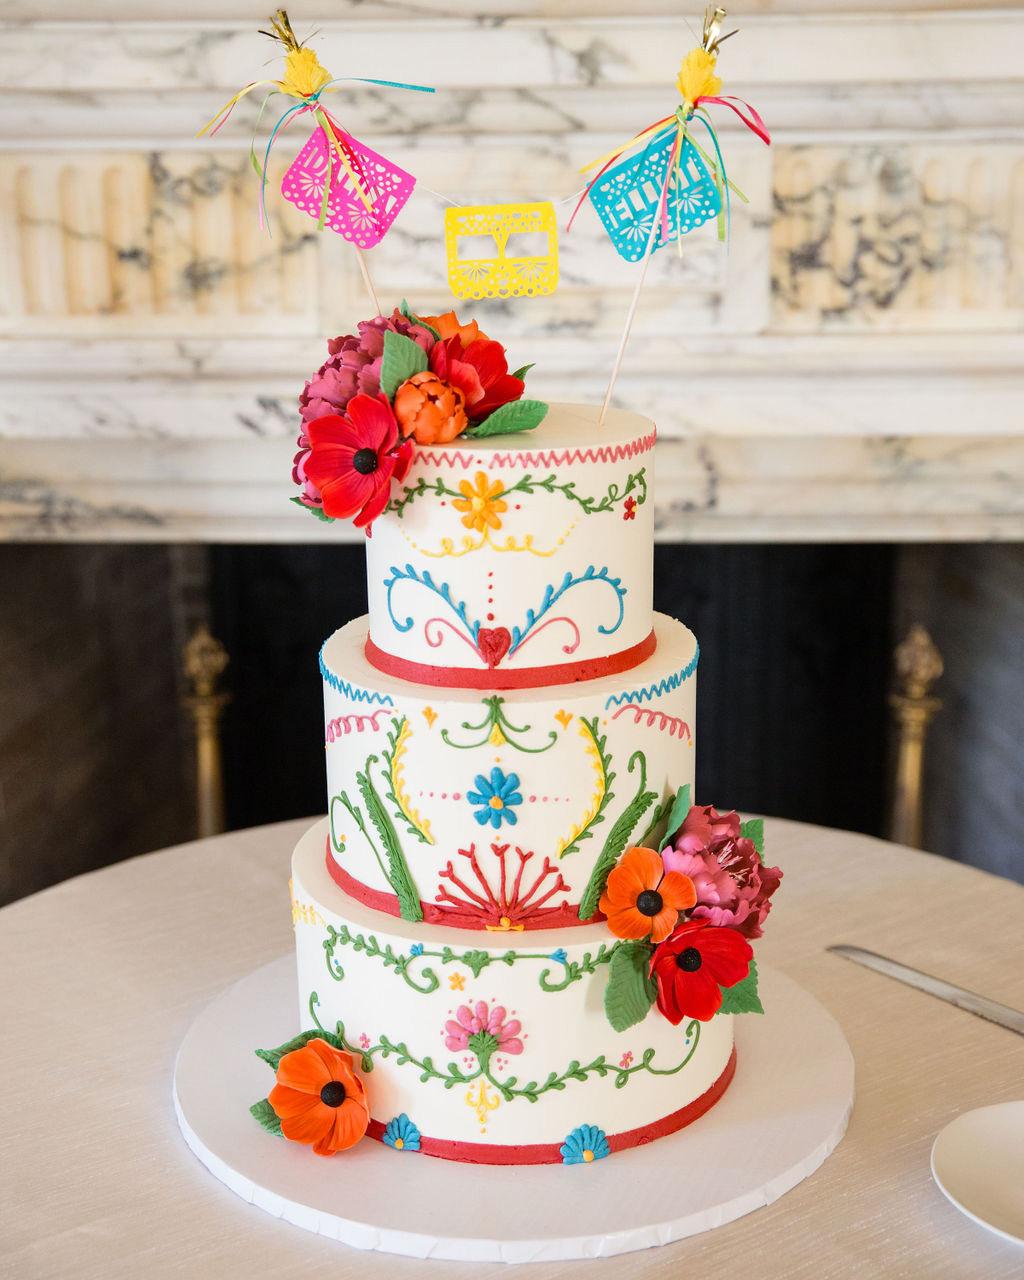 dalila elliot colorful wedding cake